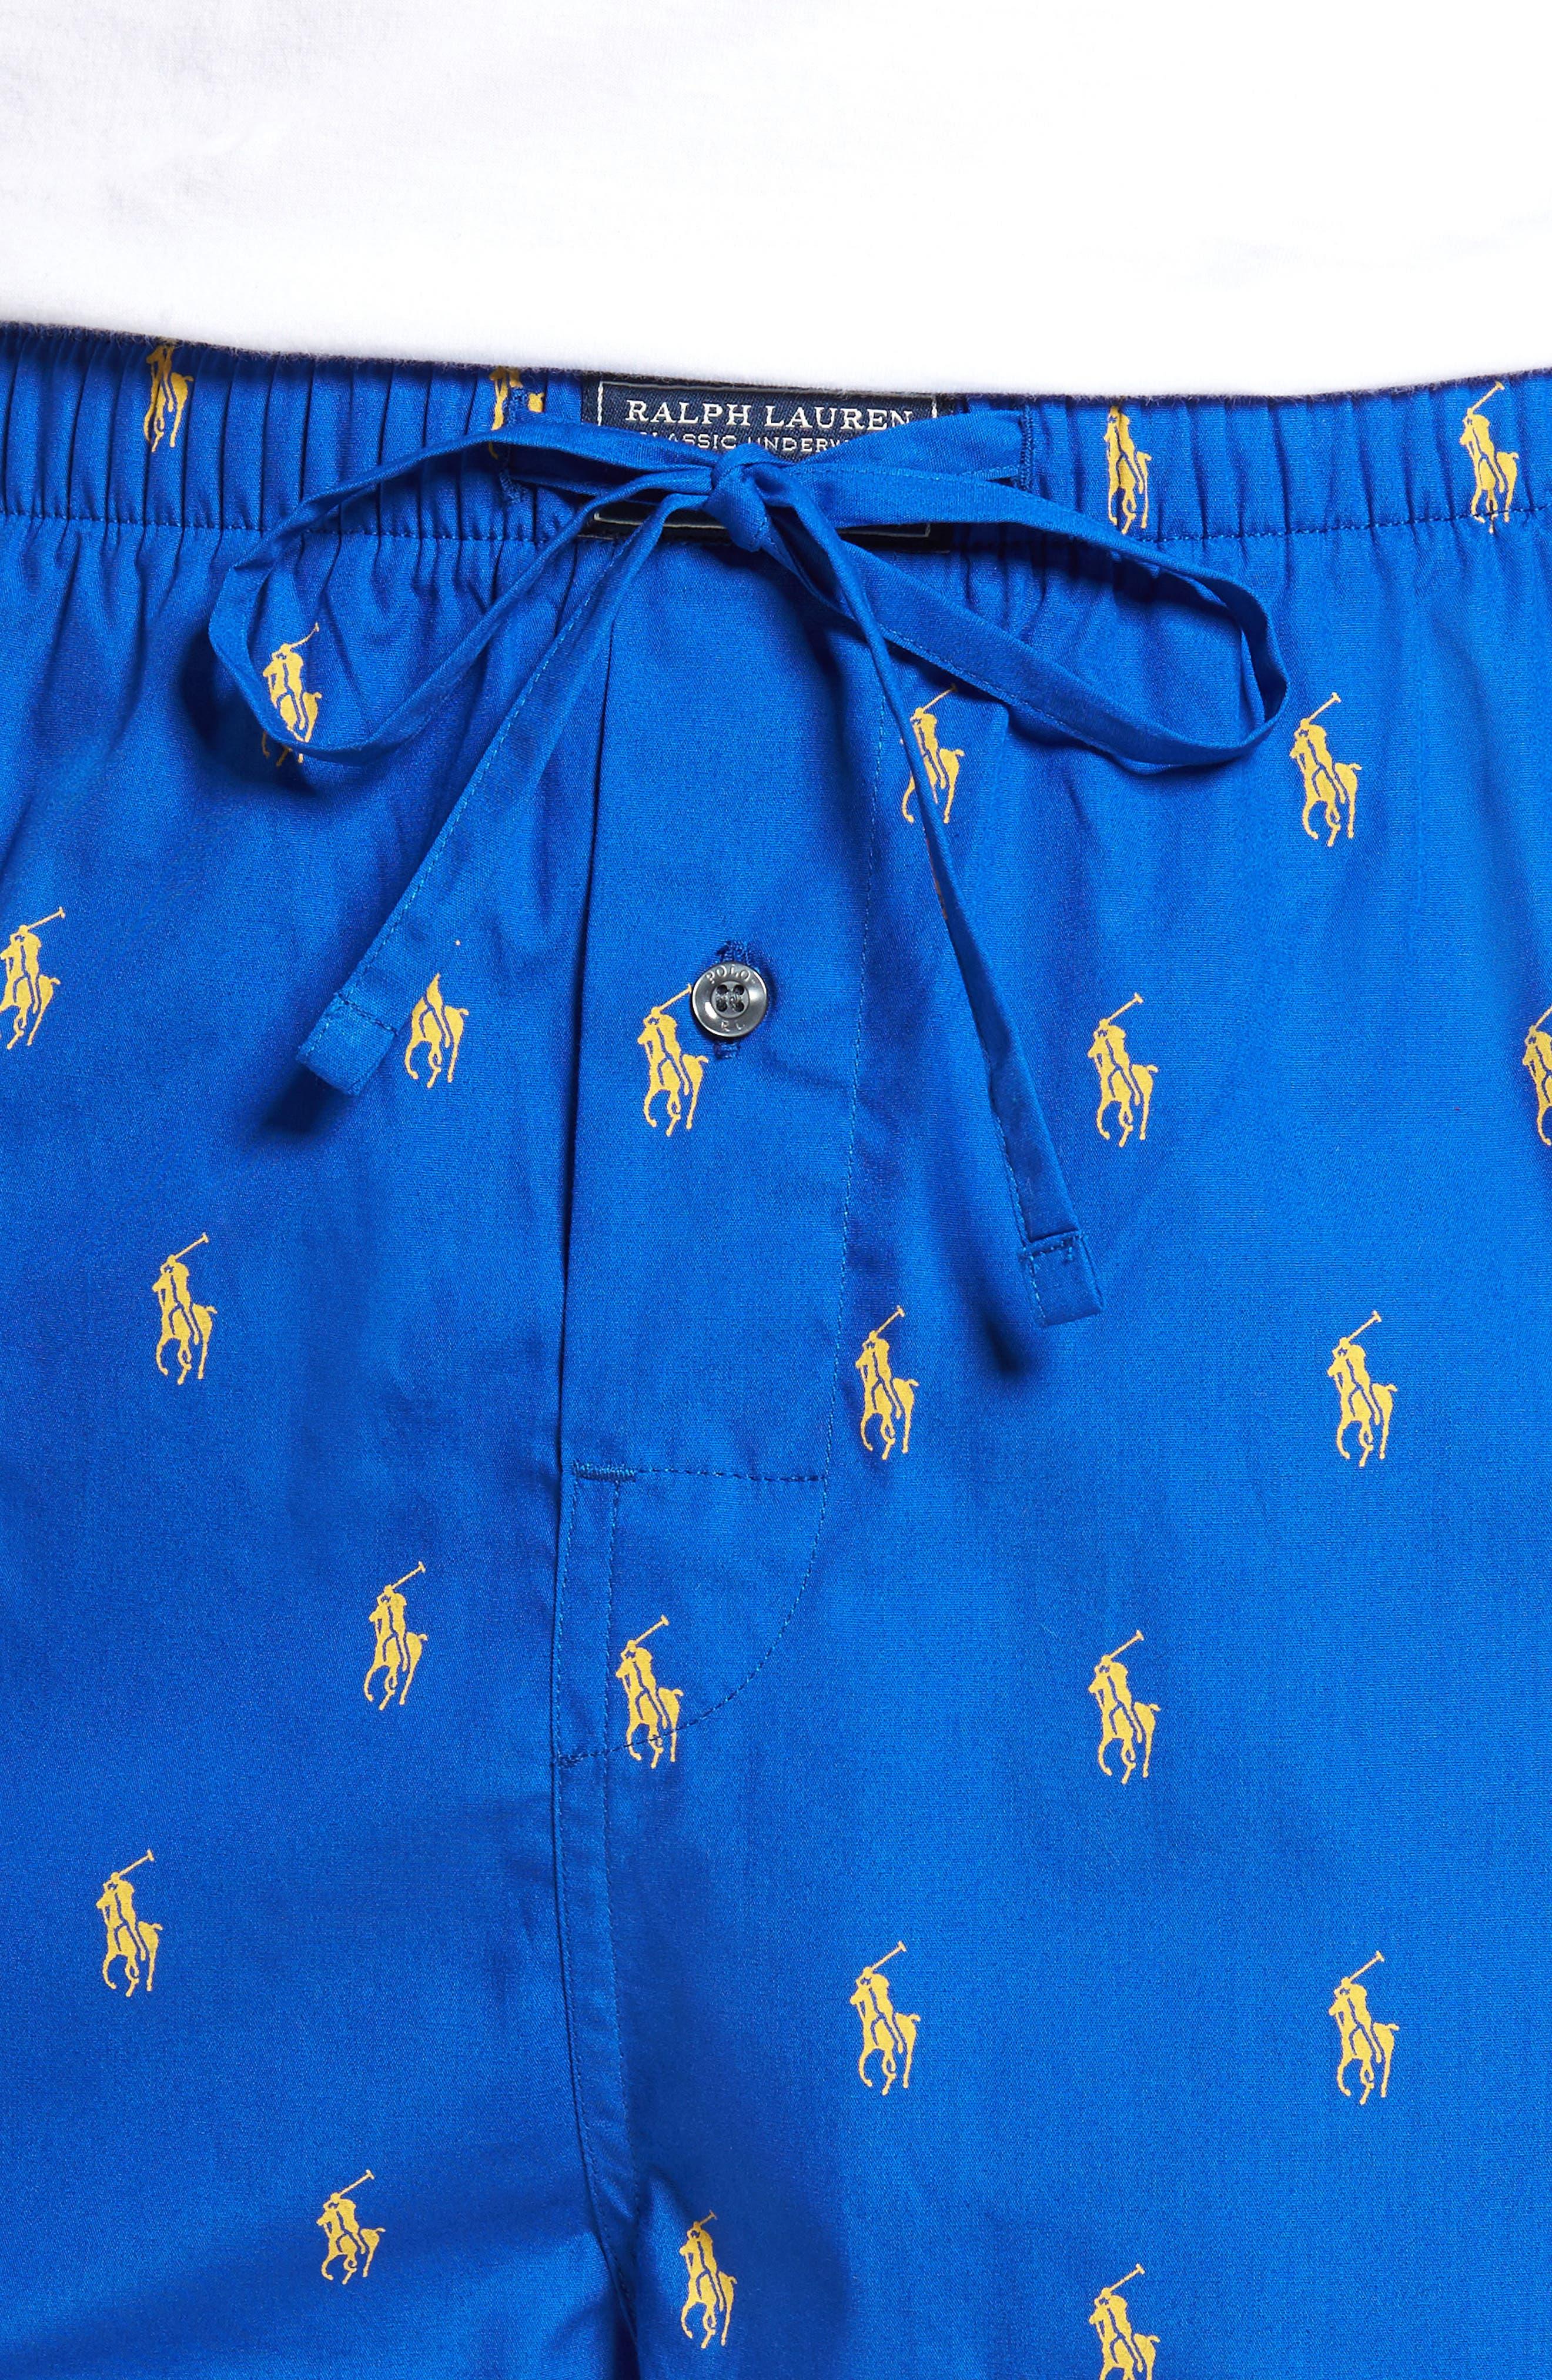 Polo Ralph Lauren Cotton Lounge Pants,                             Alternate thumbnail 18, color,